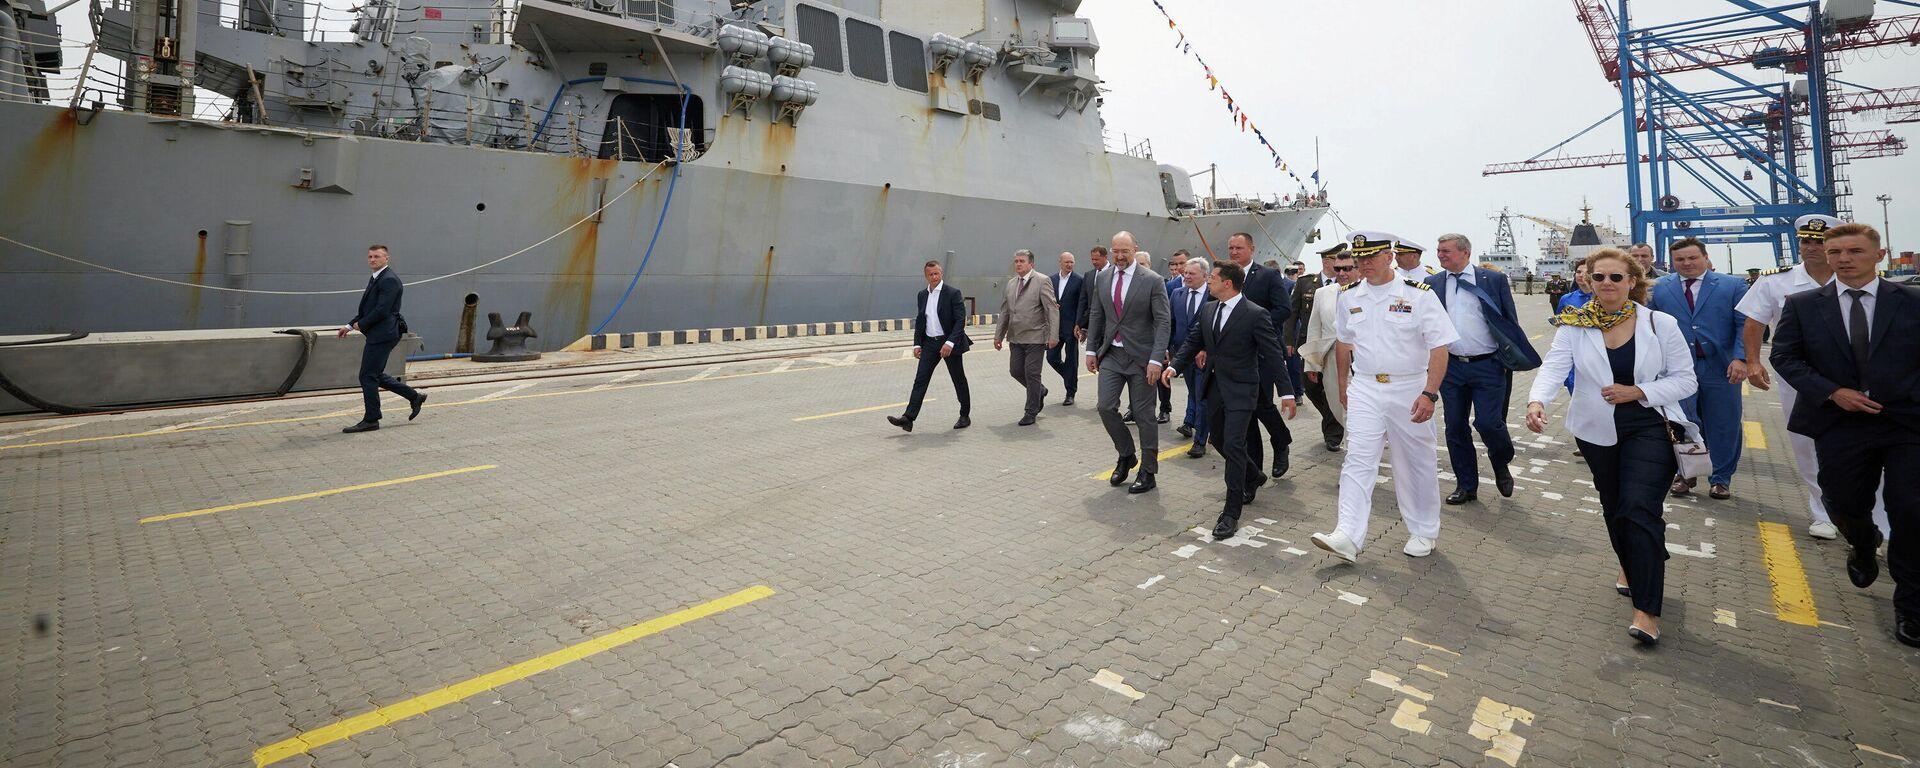 Der ukrainische Präsident Wladimir Selenski und Beamte vor dem US-Raketenzerstörer Ross, der an den Militärübungen Sea Breeze 2021 beteiligt ist, den 4. Juli 2021. - SNA, 1920, 05.07.2021